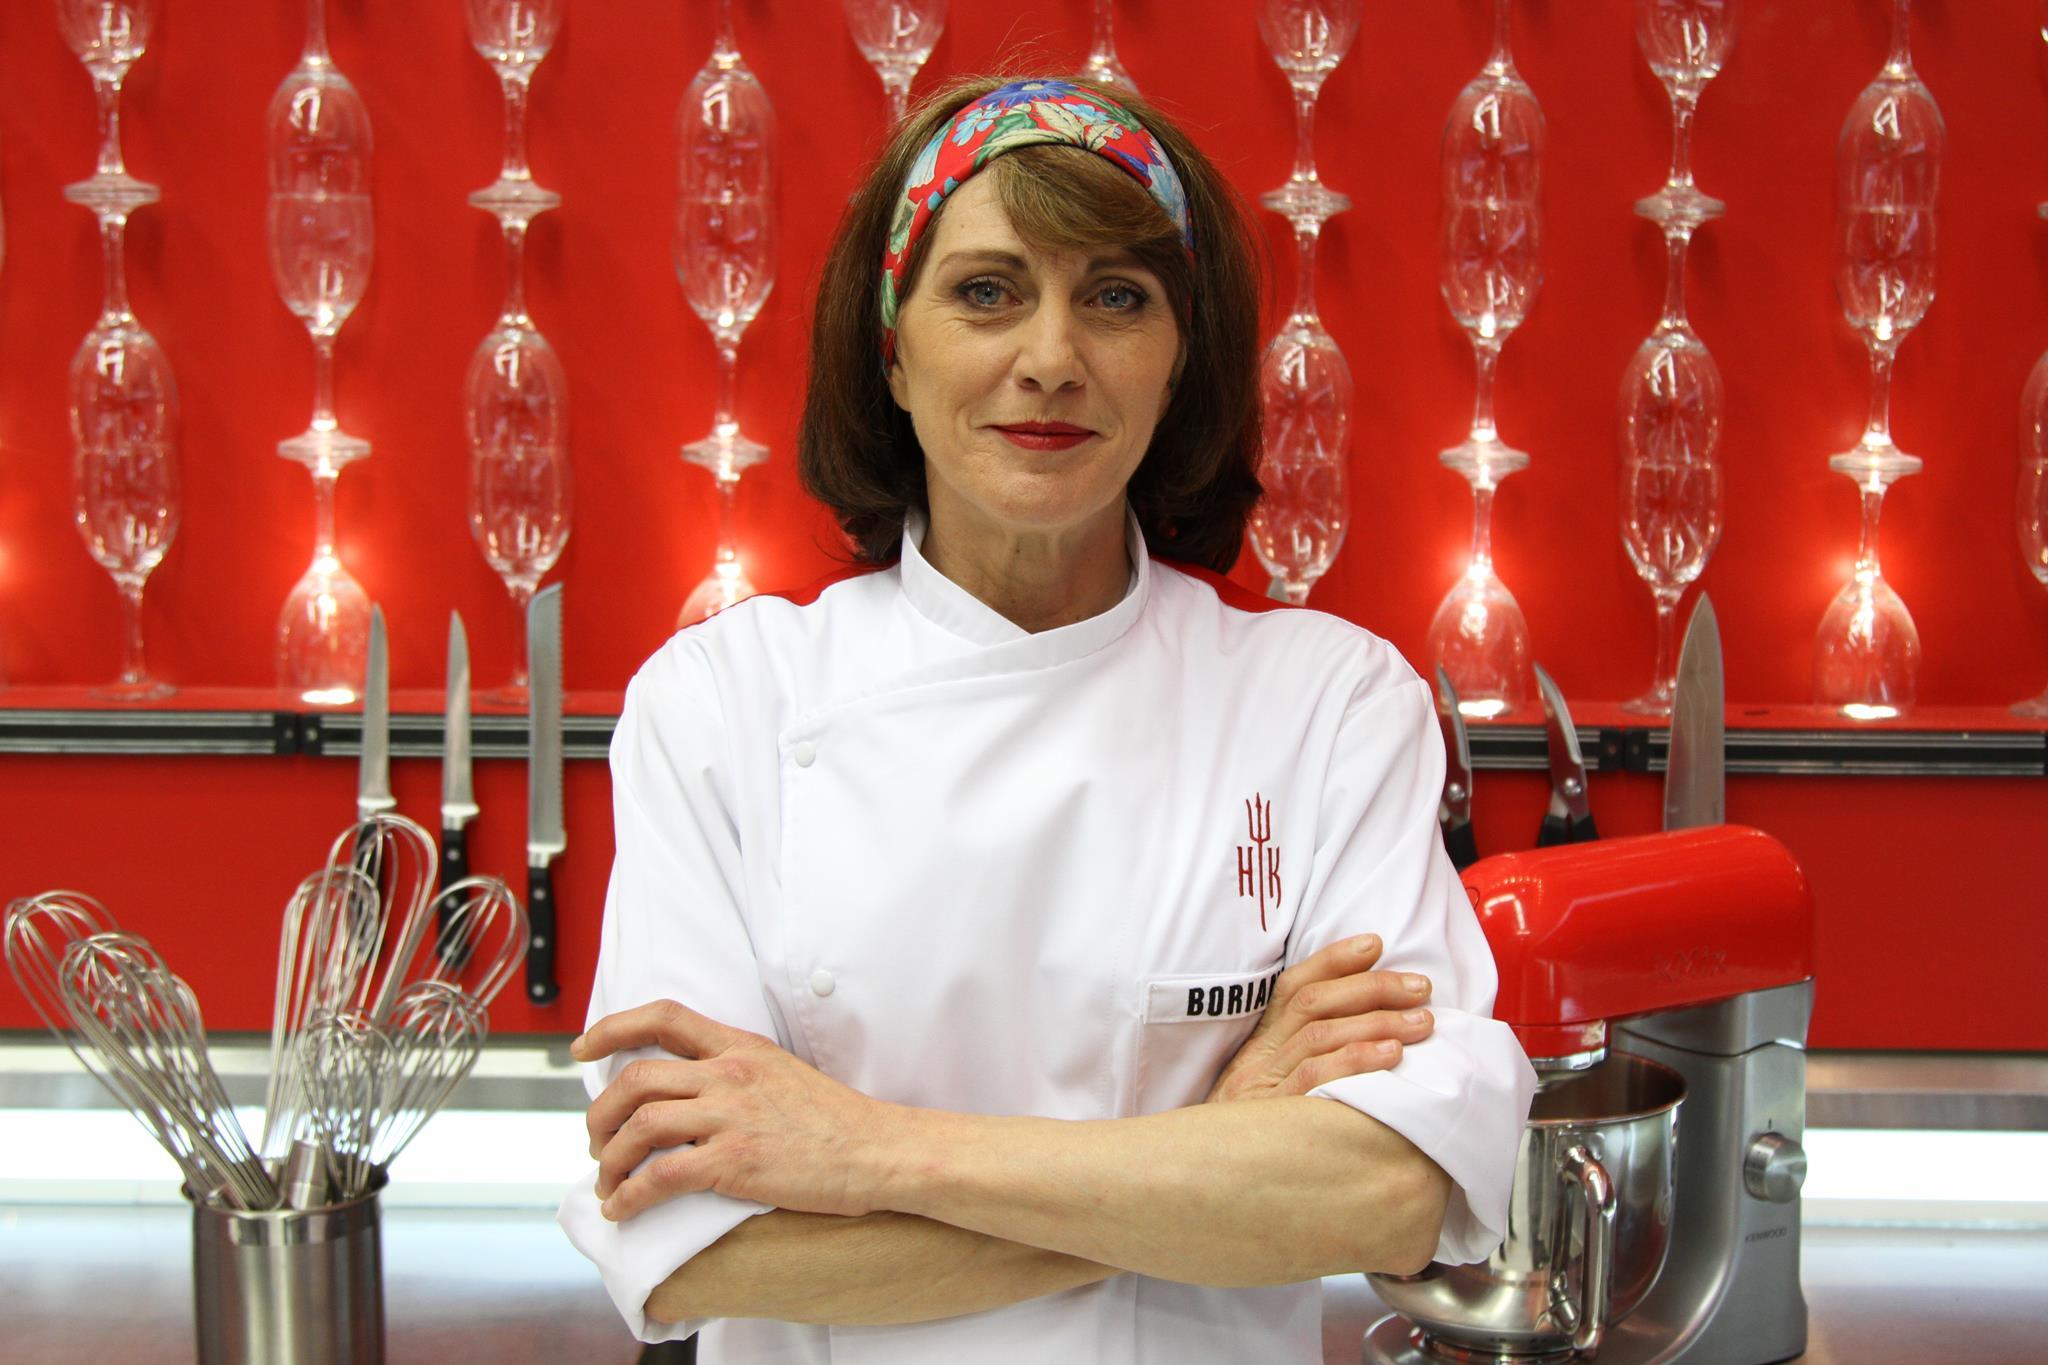 Borianka é da Bulgária, está no Brasil há 11 anos e vê semelhanças entre os dois povos. Cresceu cuidando da cozinha e trabalhou na cozinha de hotéis cinco estrelas na Itália e França.(Gabriel Gabe/SBT)